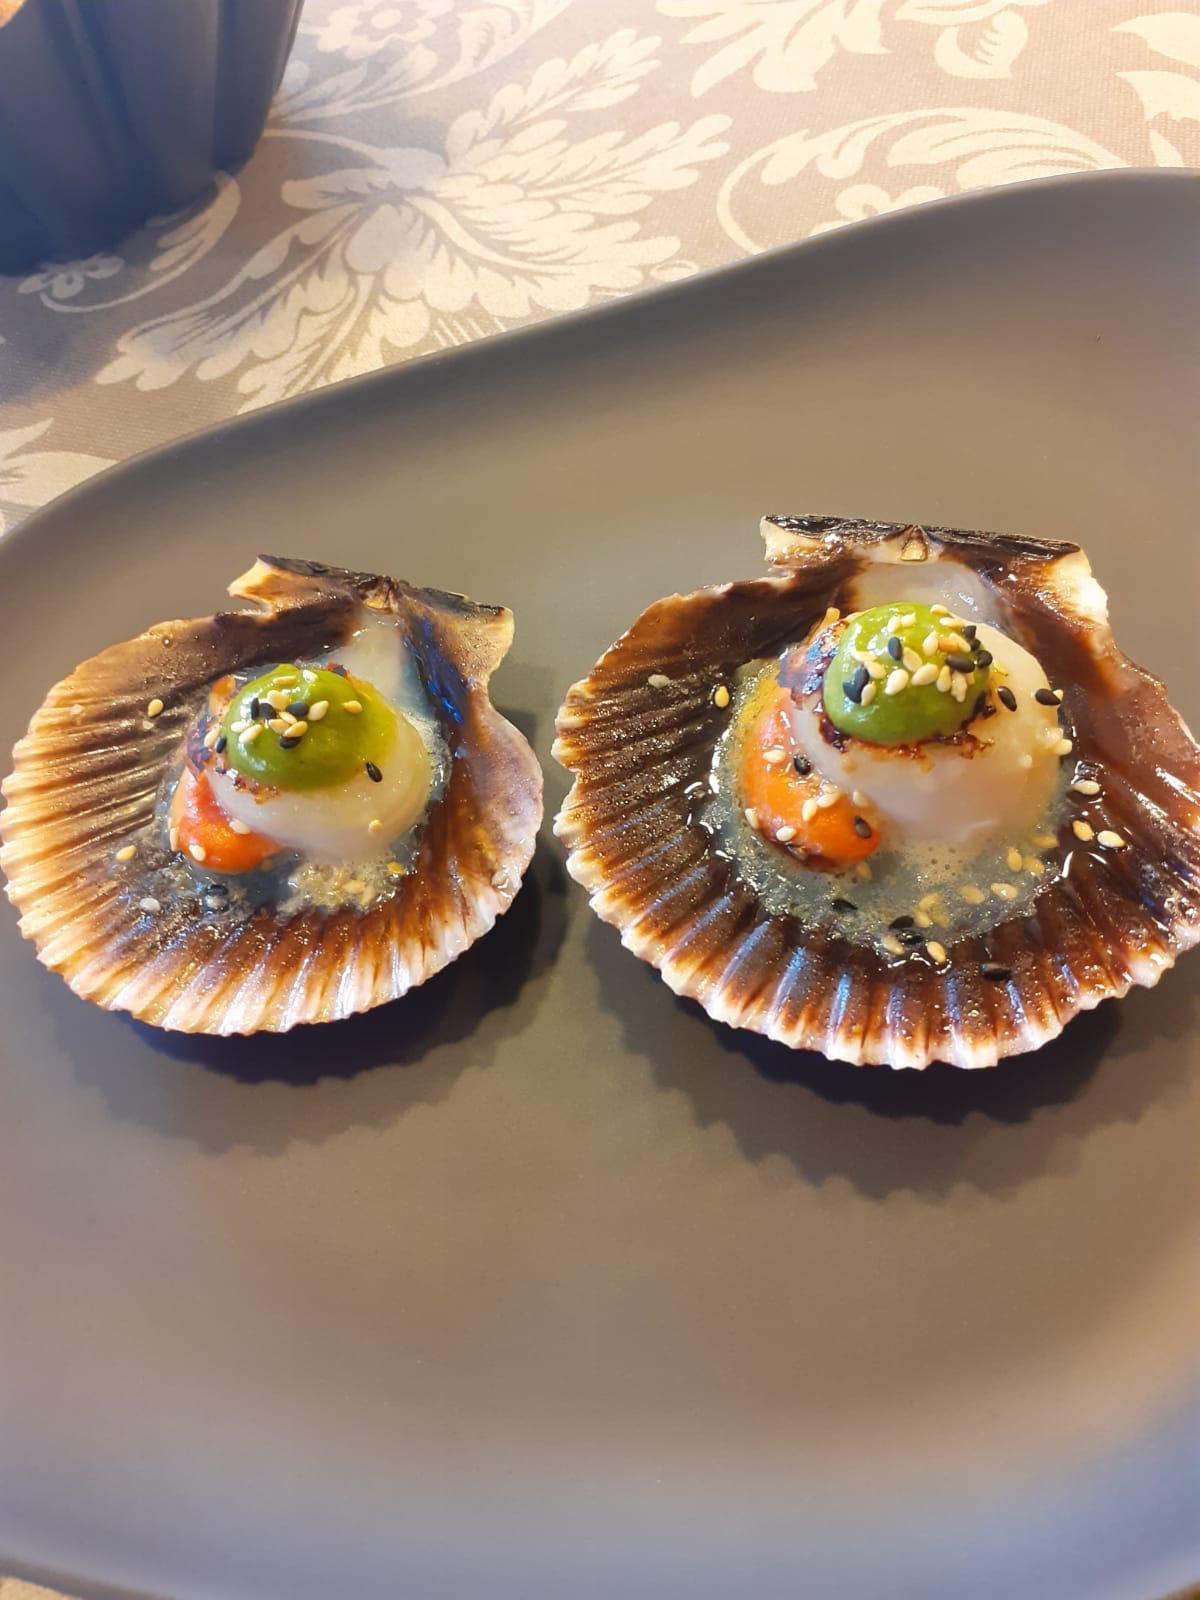 Reseñas Gastronómicas: Restaurante Anibal en Igüeña 5